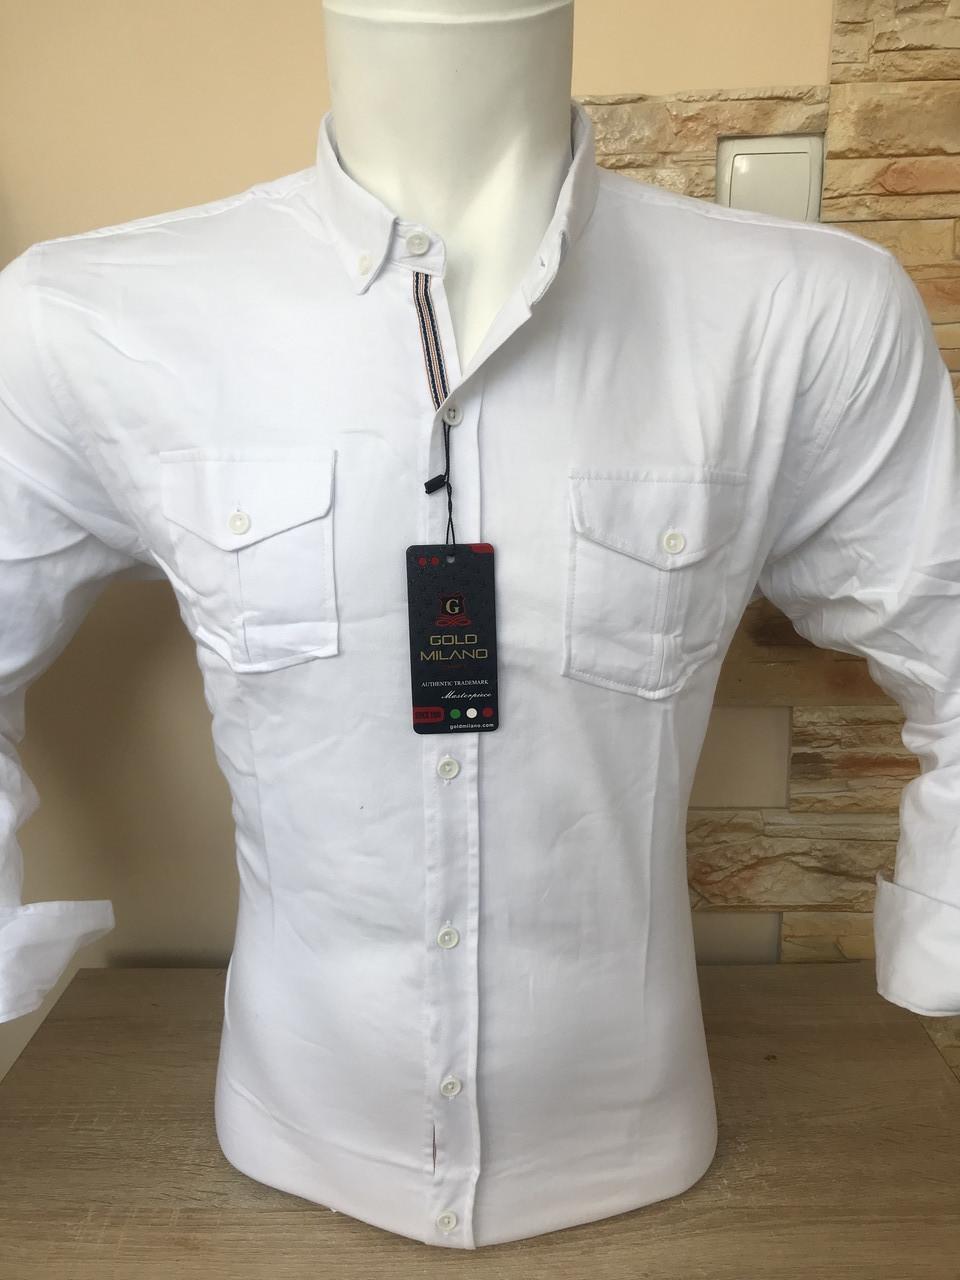 Стрейчевая однотонная рубашка Gold Milano